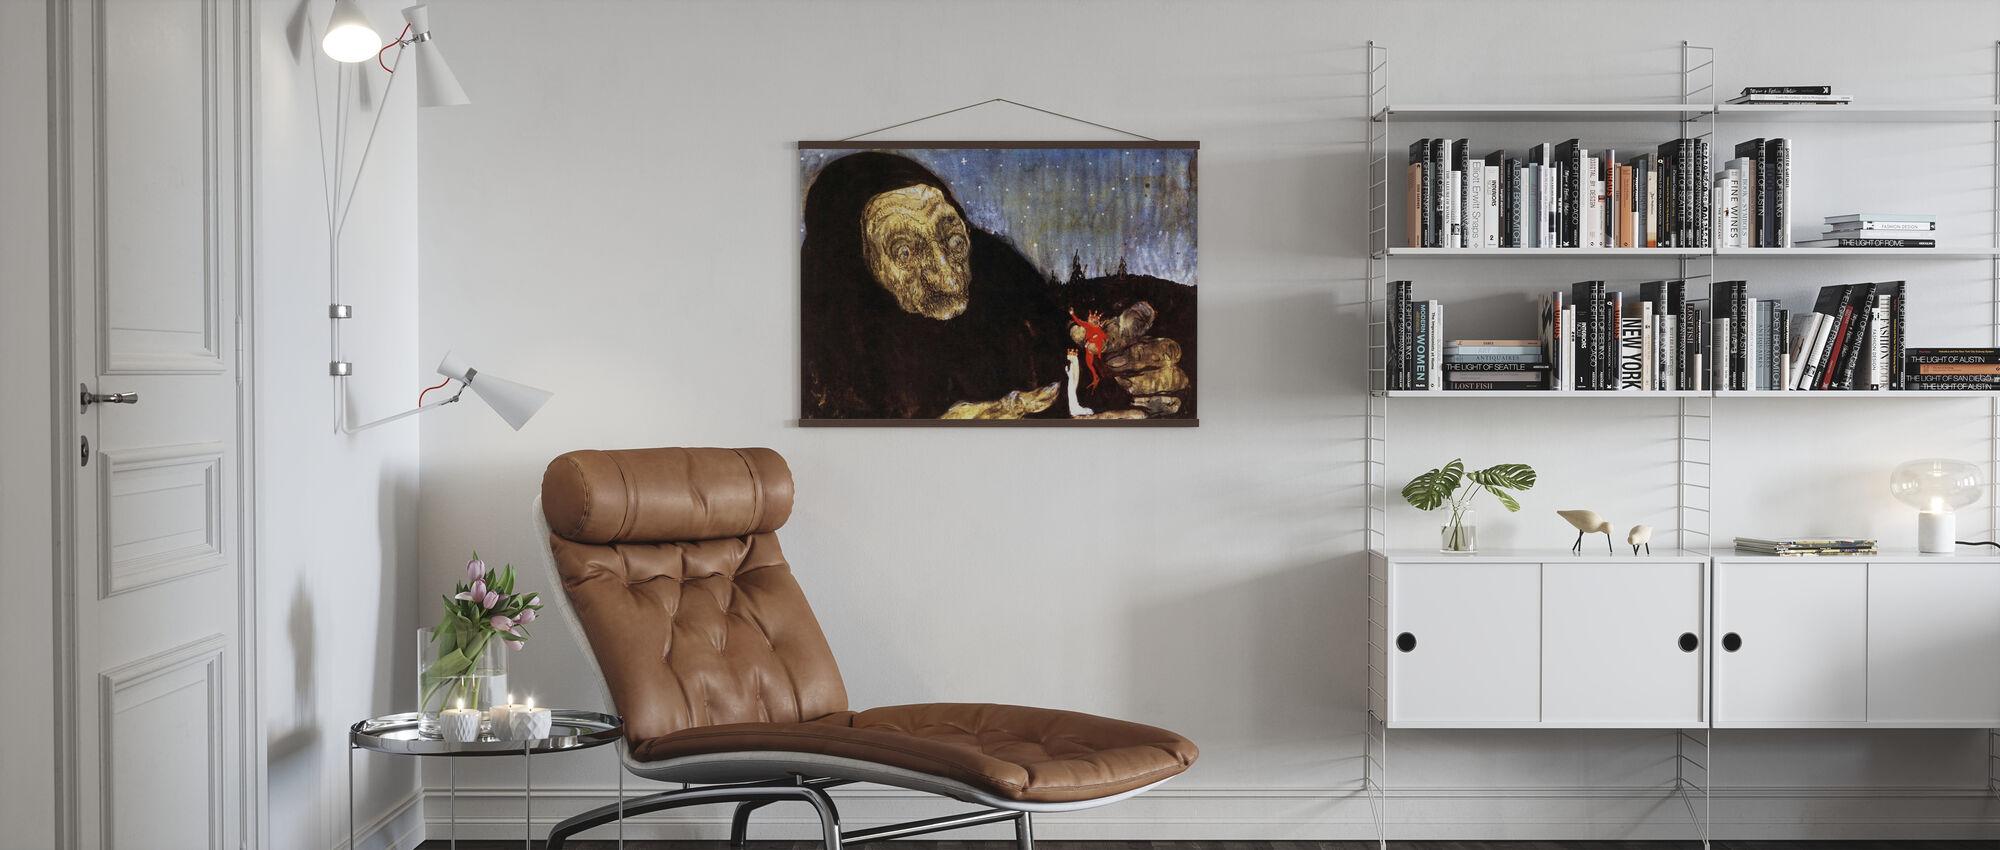 John Bauer - Trollgumma - Poster - Wohnzimmer